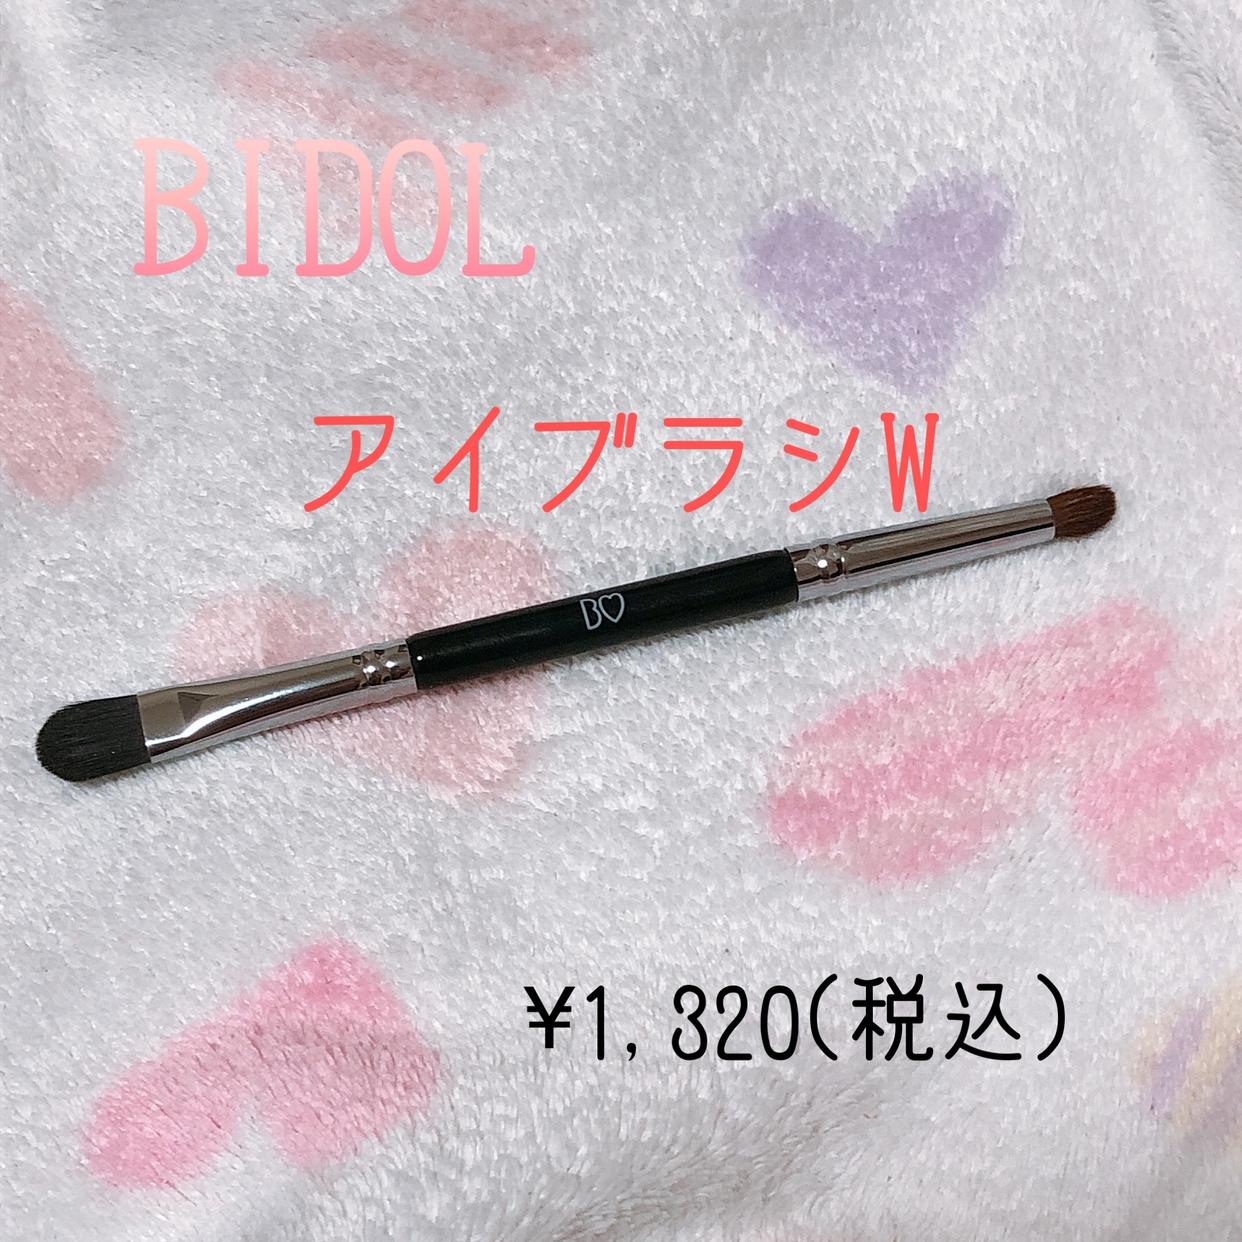 B IDOL(ビーアイドル)アイブラシ Wを使ったノノカさんのクチコミ画像1